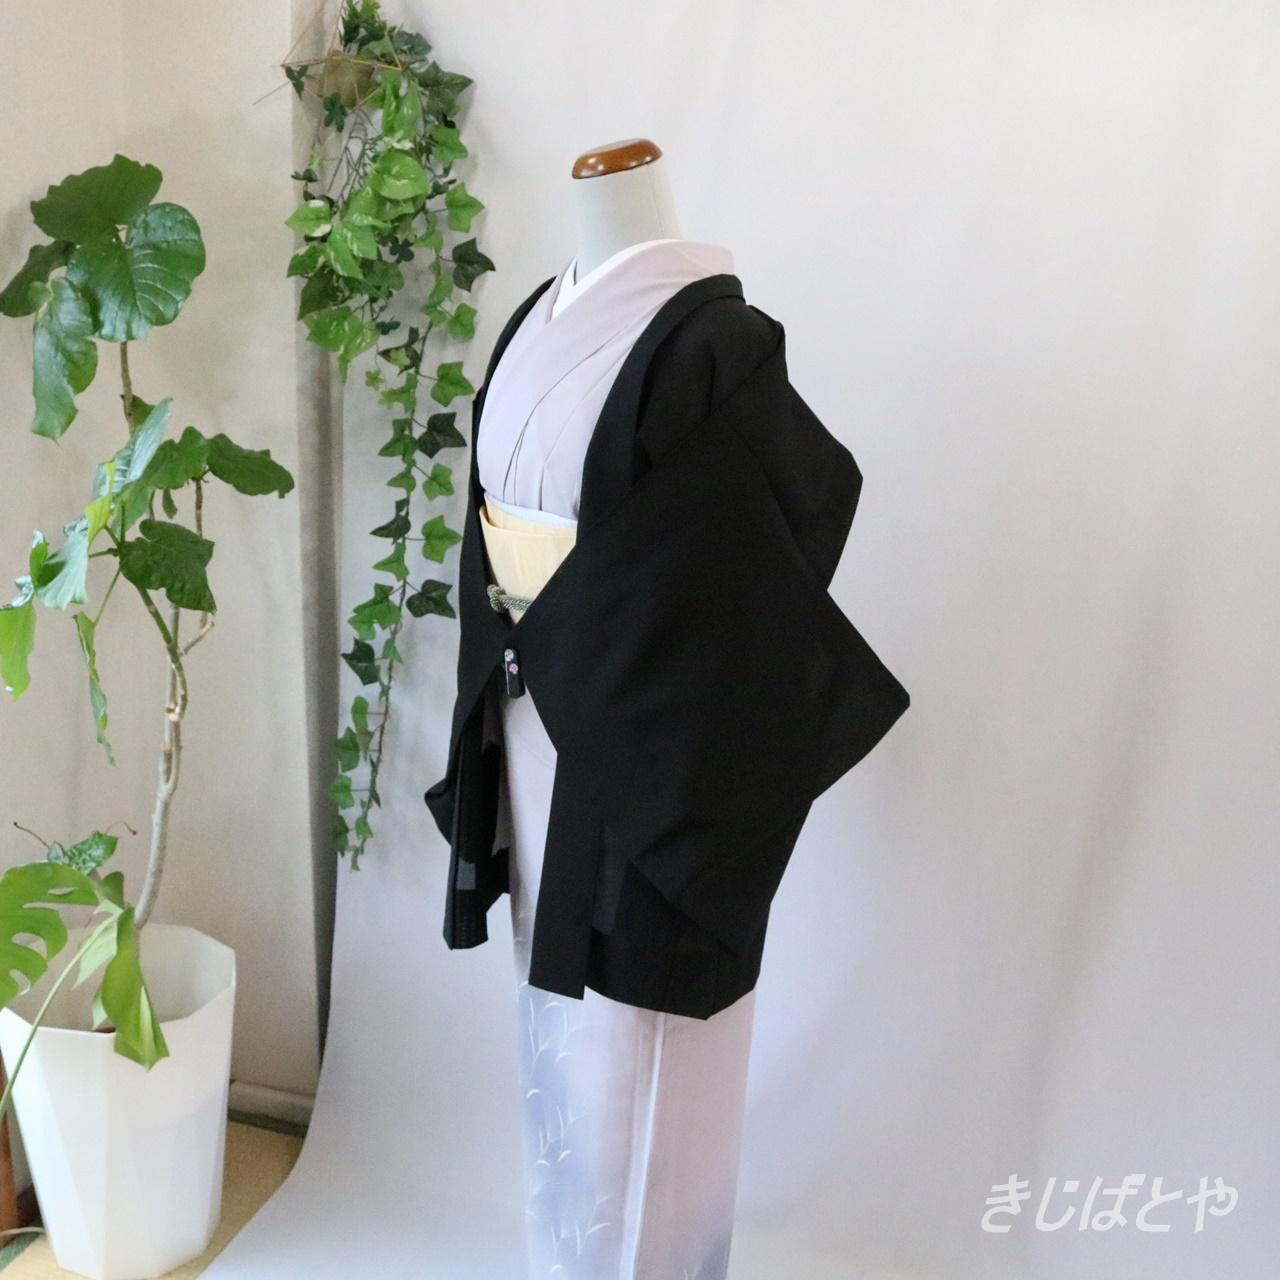 【N様ご予約品】正絹絽  黒地に蘇芳の薄の夏羽織